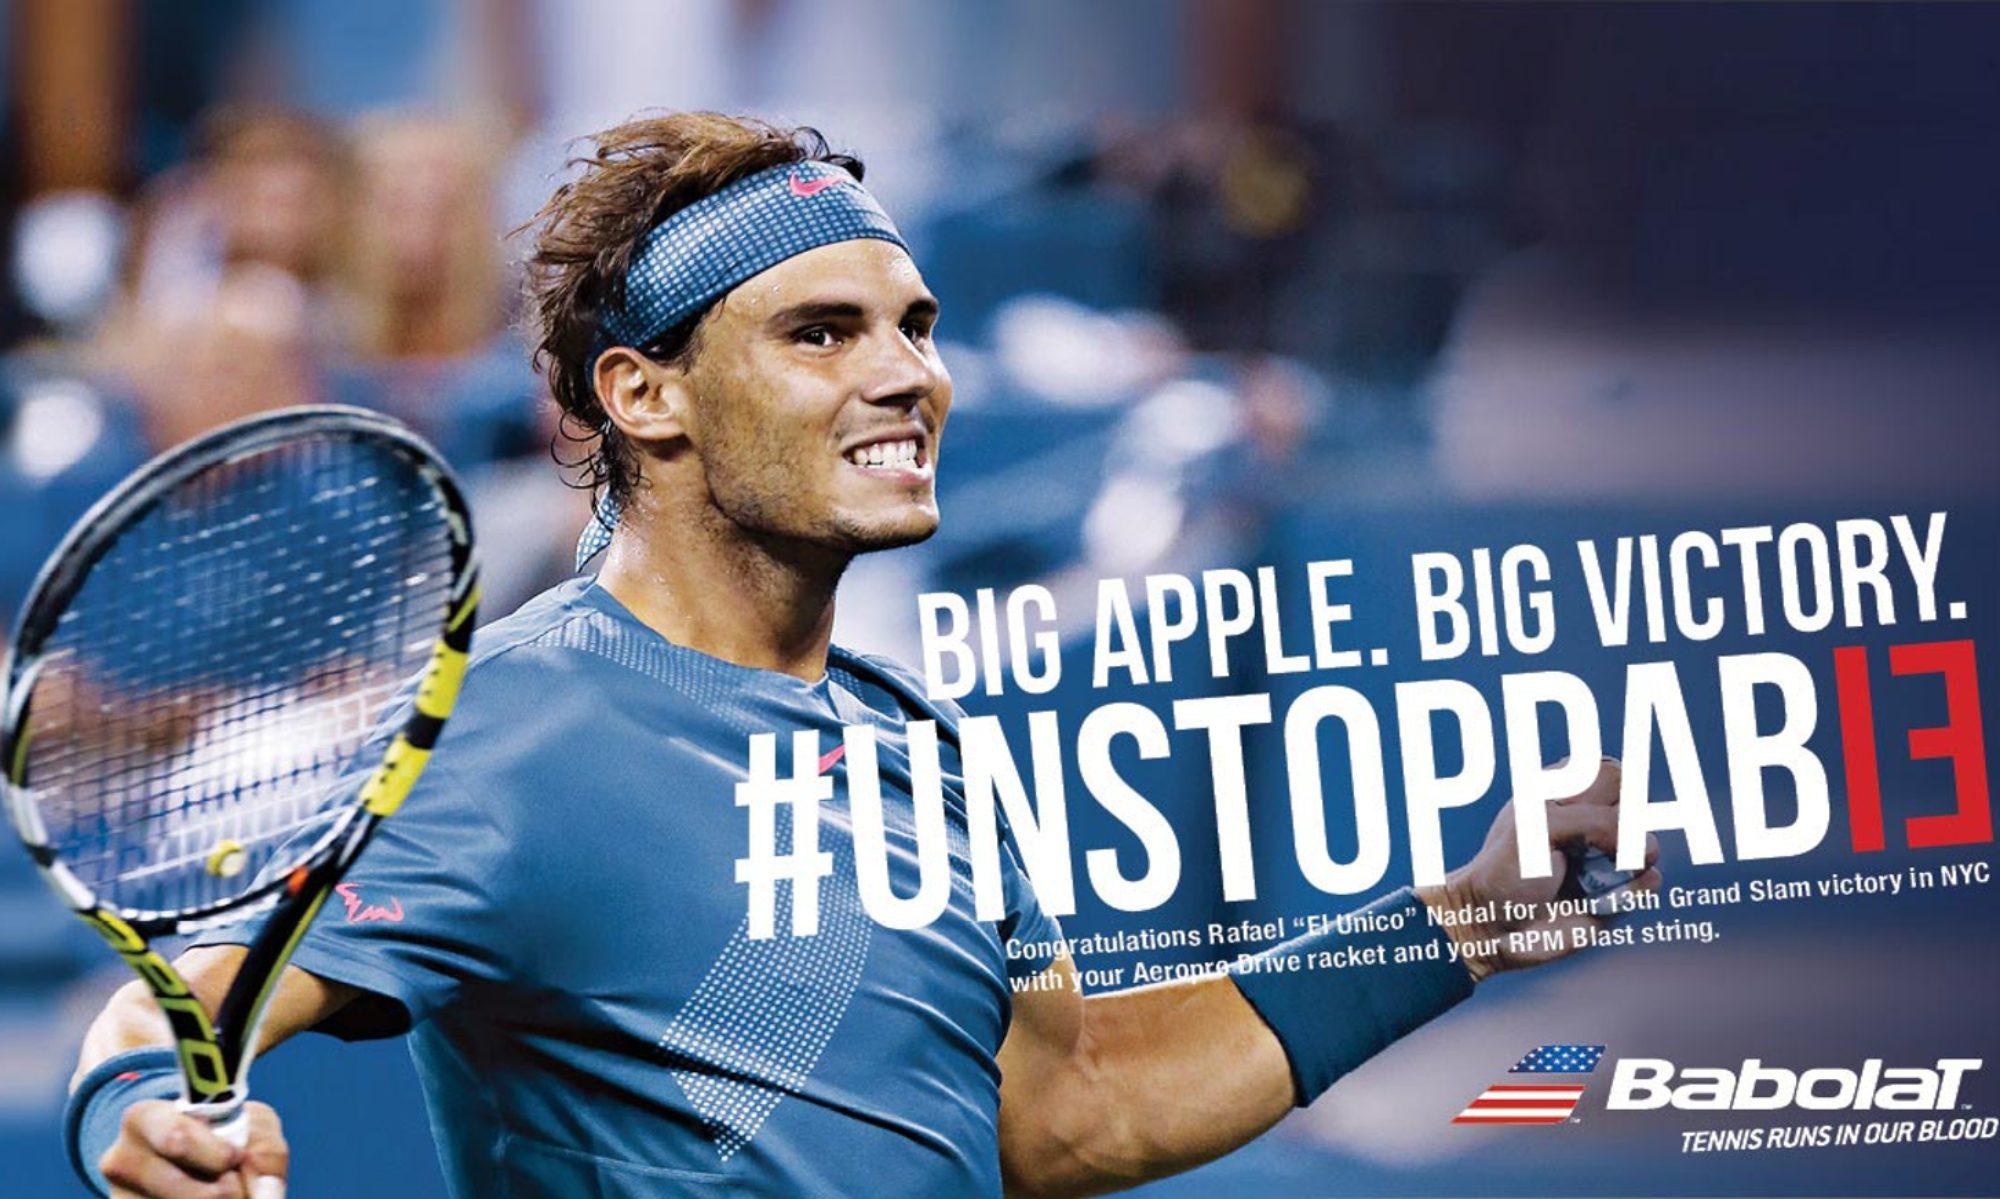 Tennisprofi24 - DER Blog für Tennisprofis